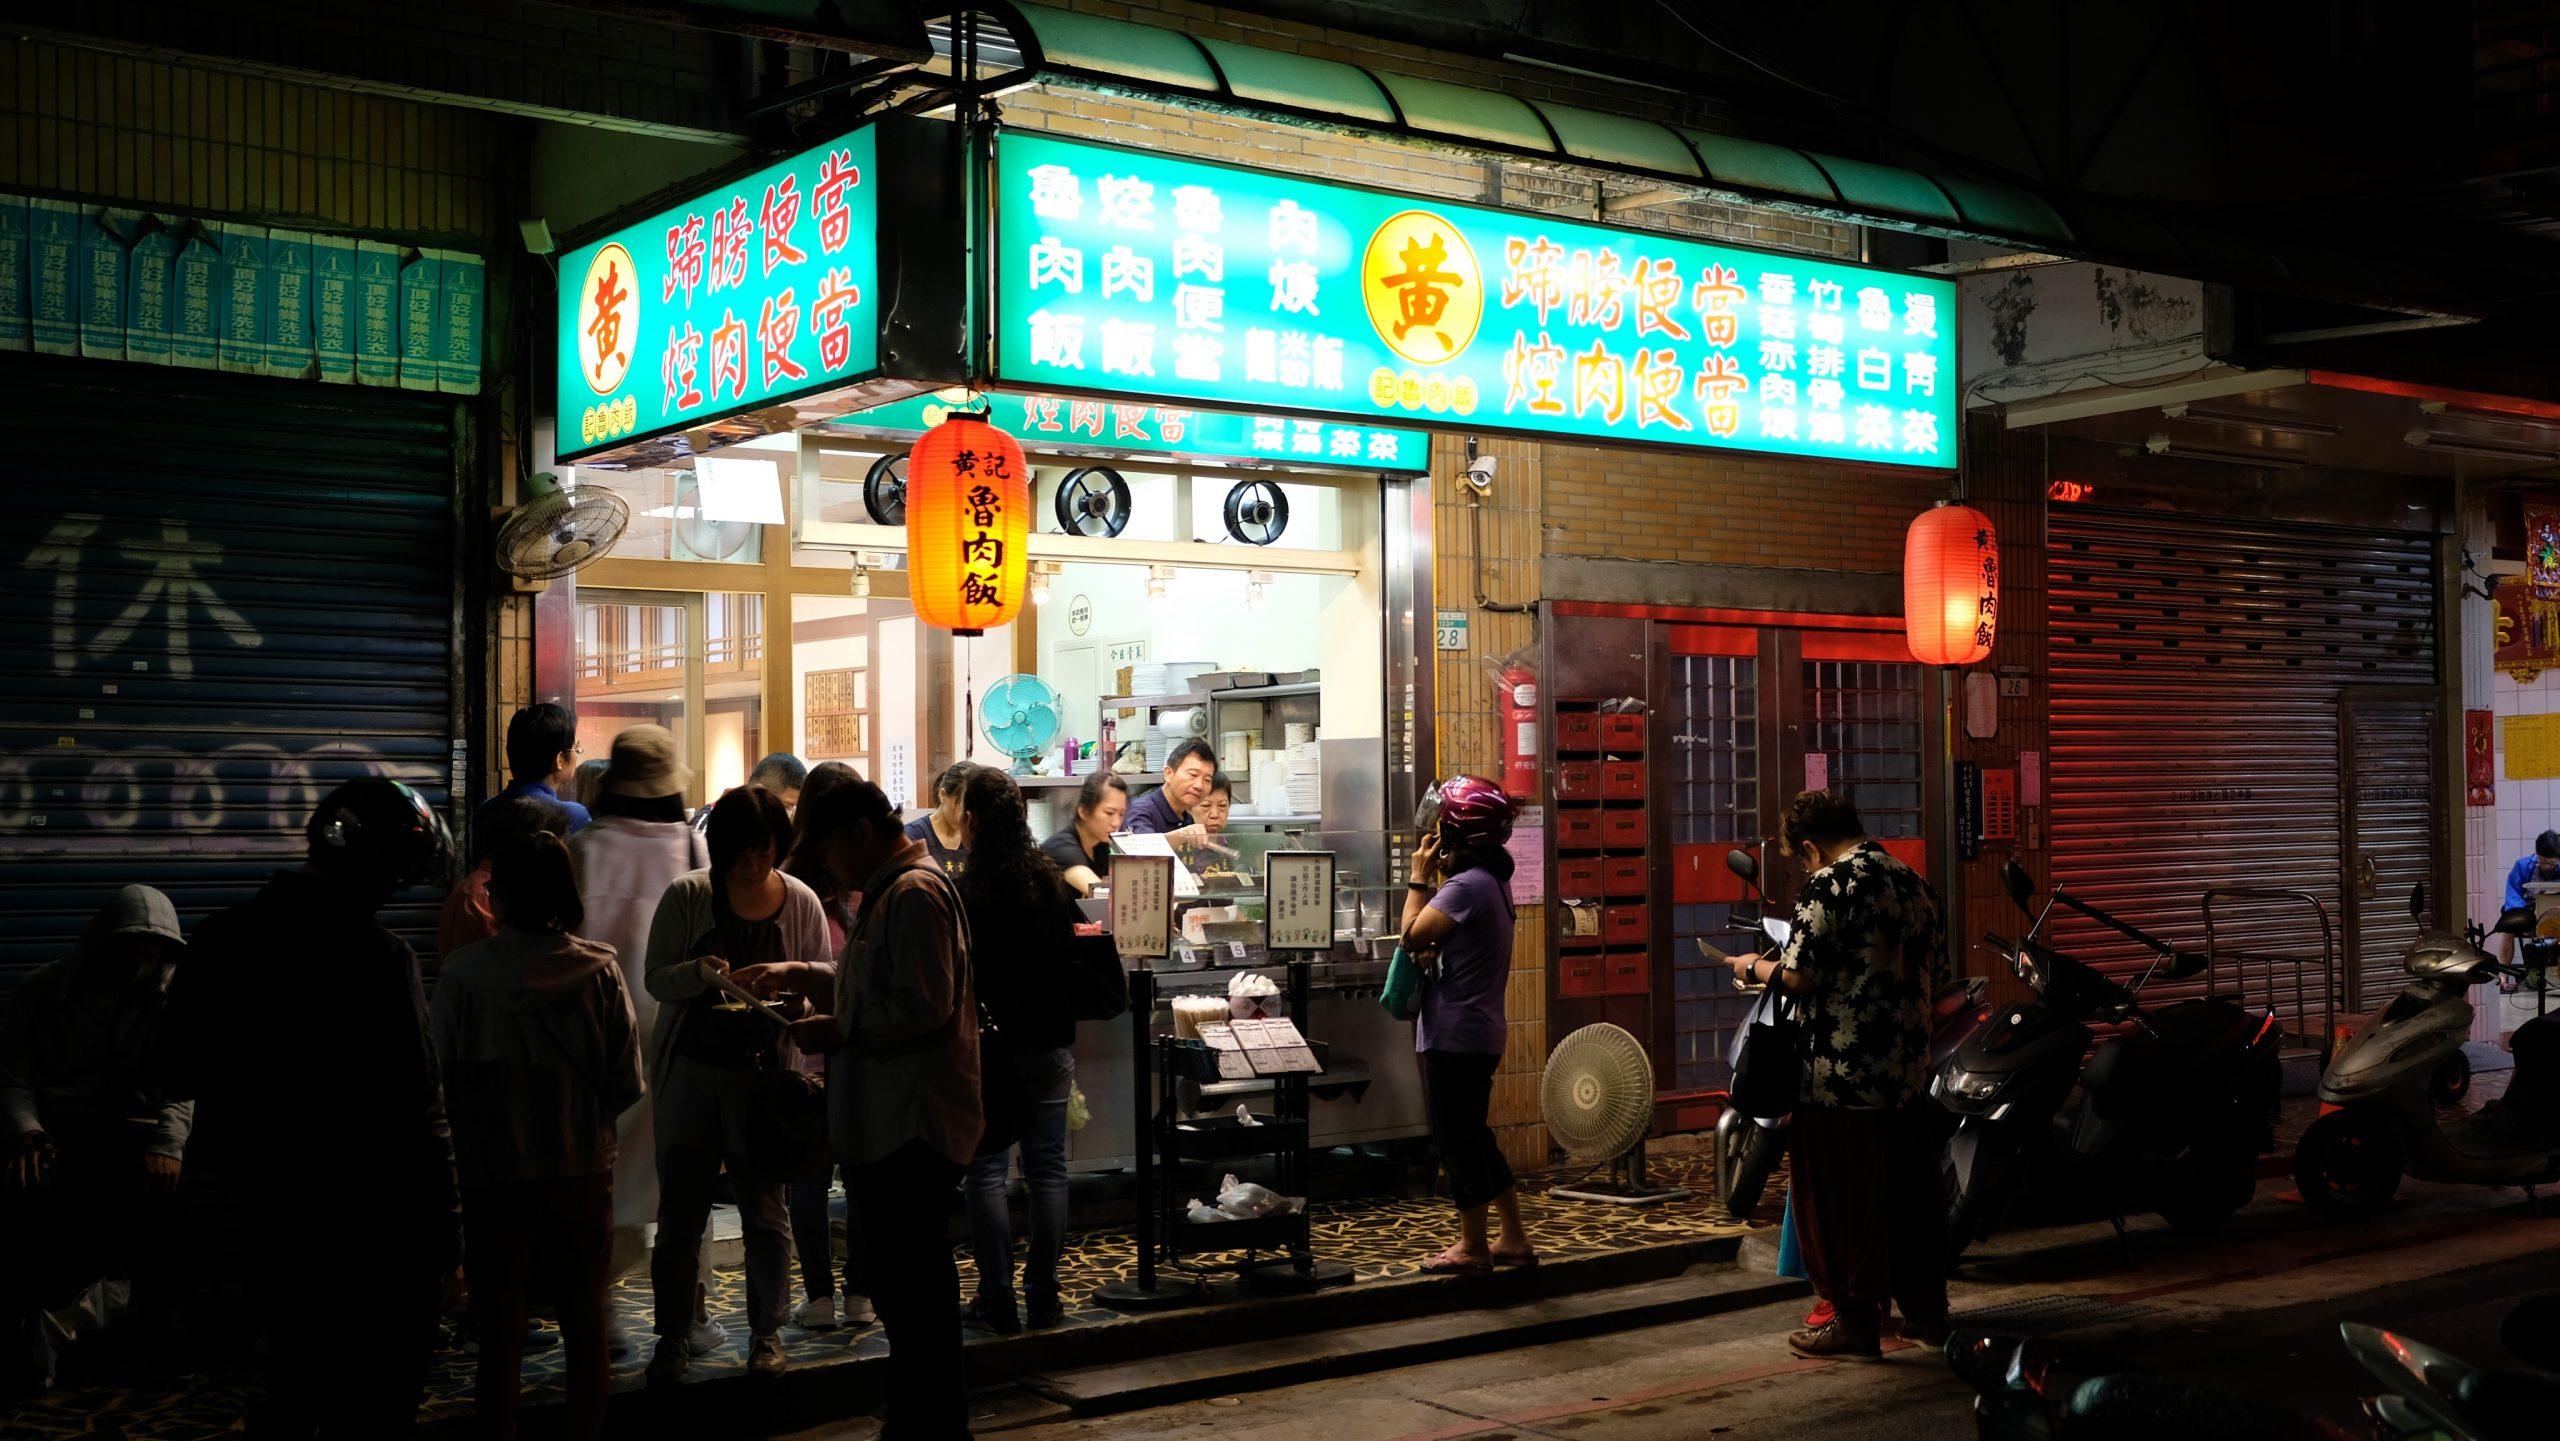 [台北] 黃記魯肉飯:就是來嚐一下道地平民風味